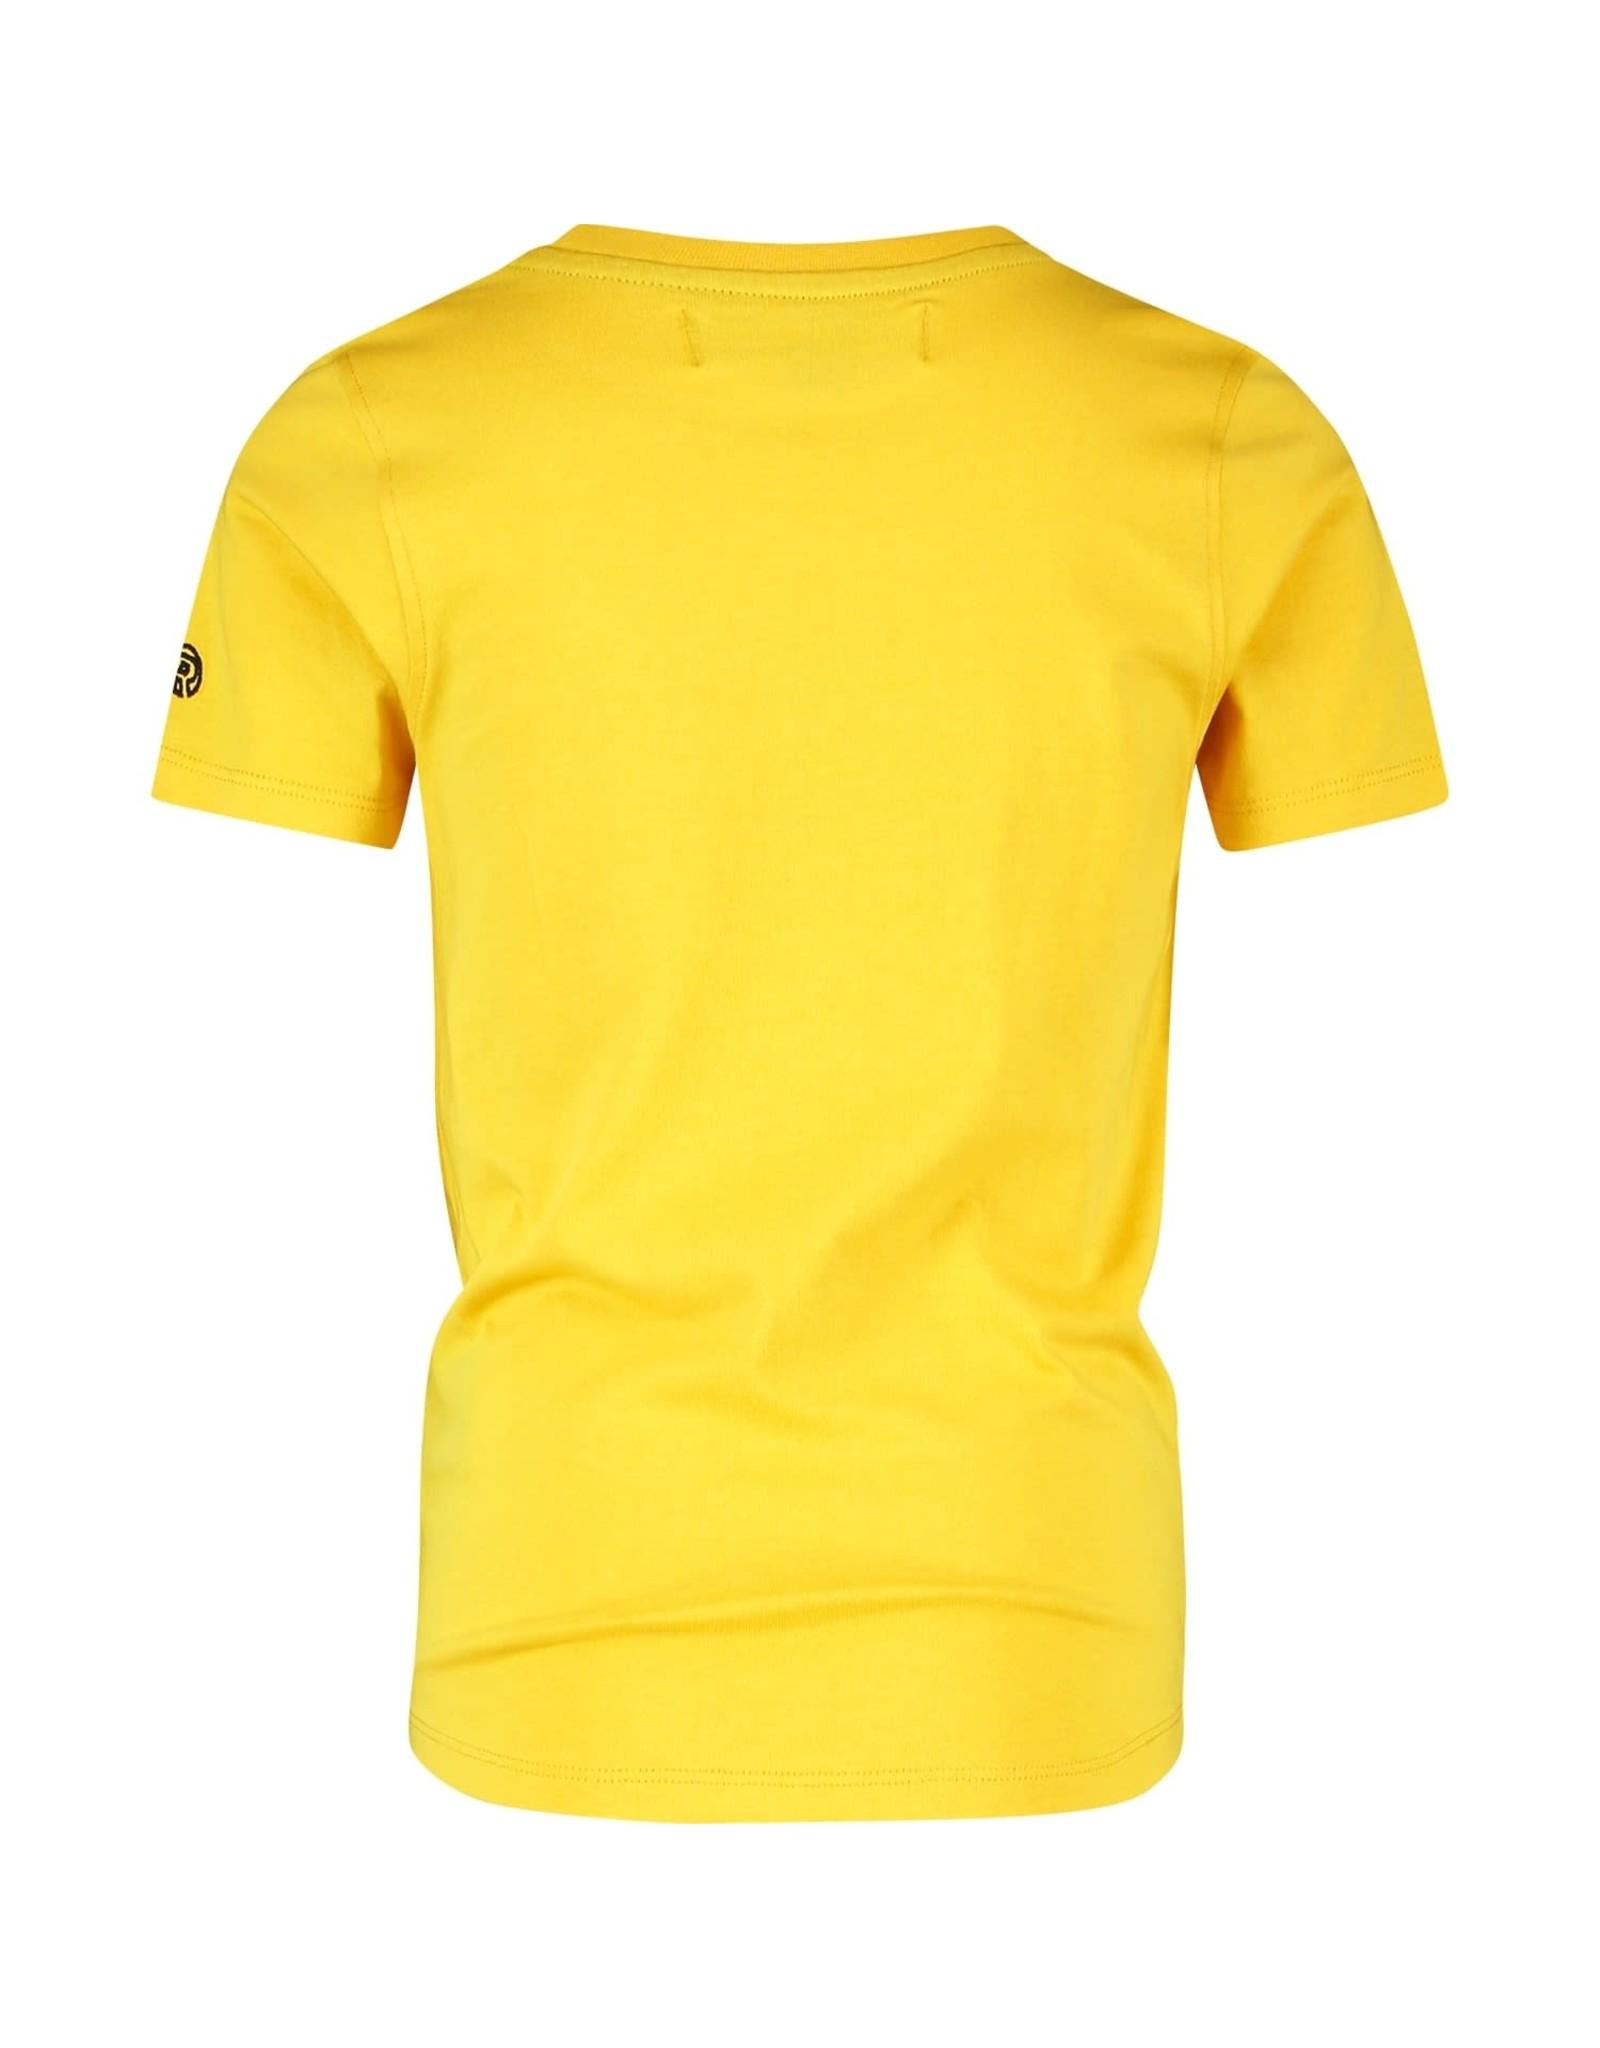 Raizzed Raizzed jongens t-shirt Hamburg Musturd Yellow